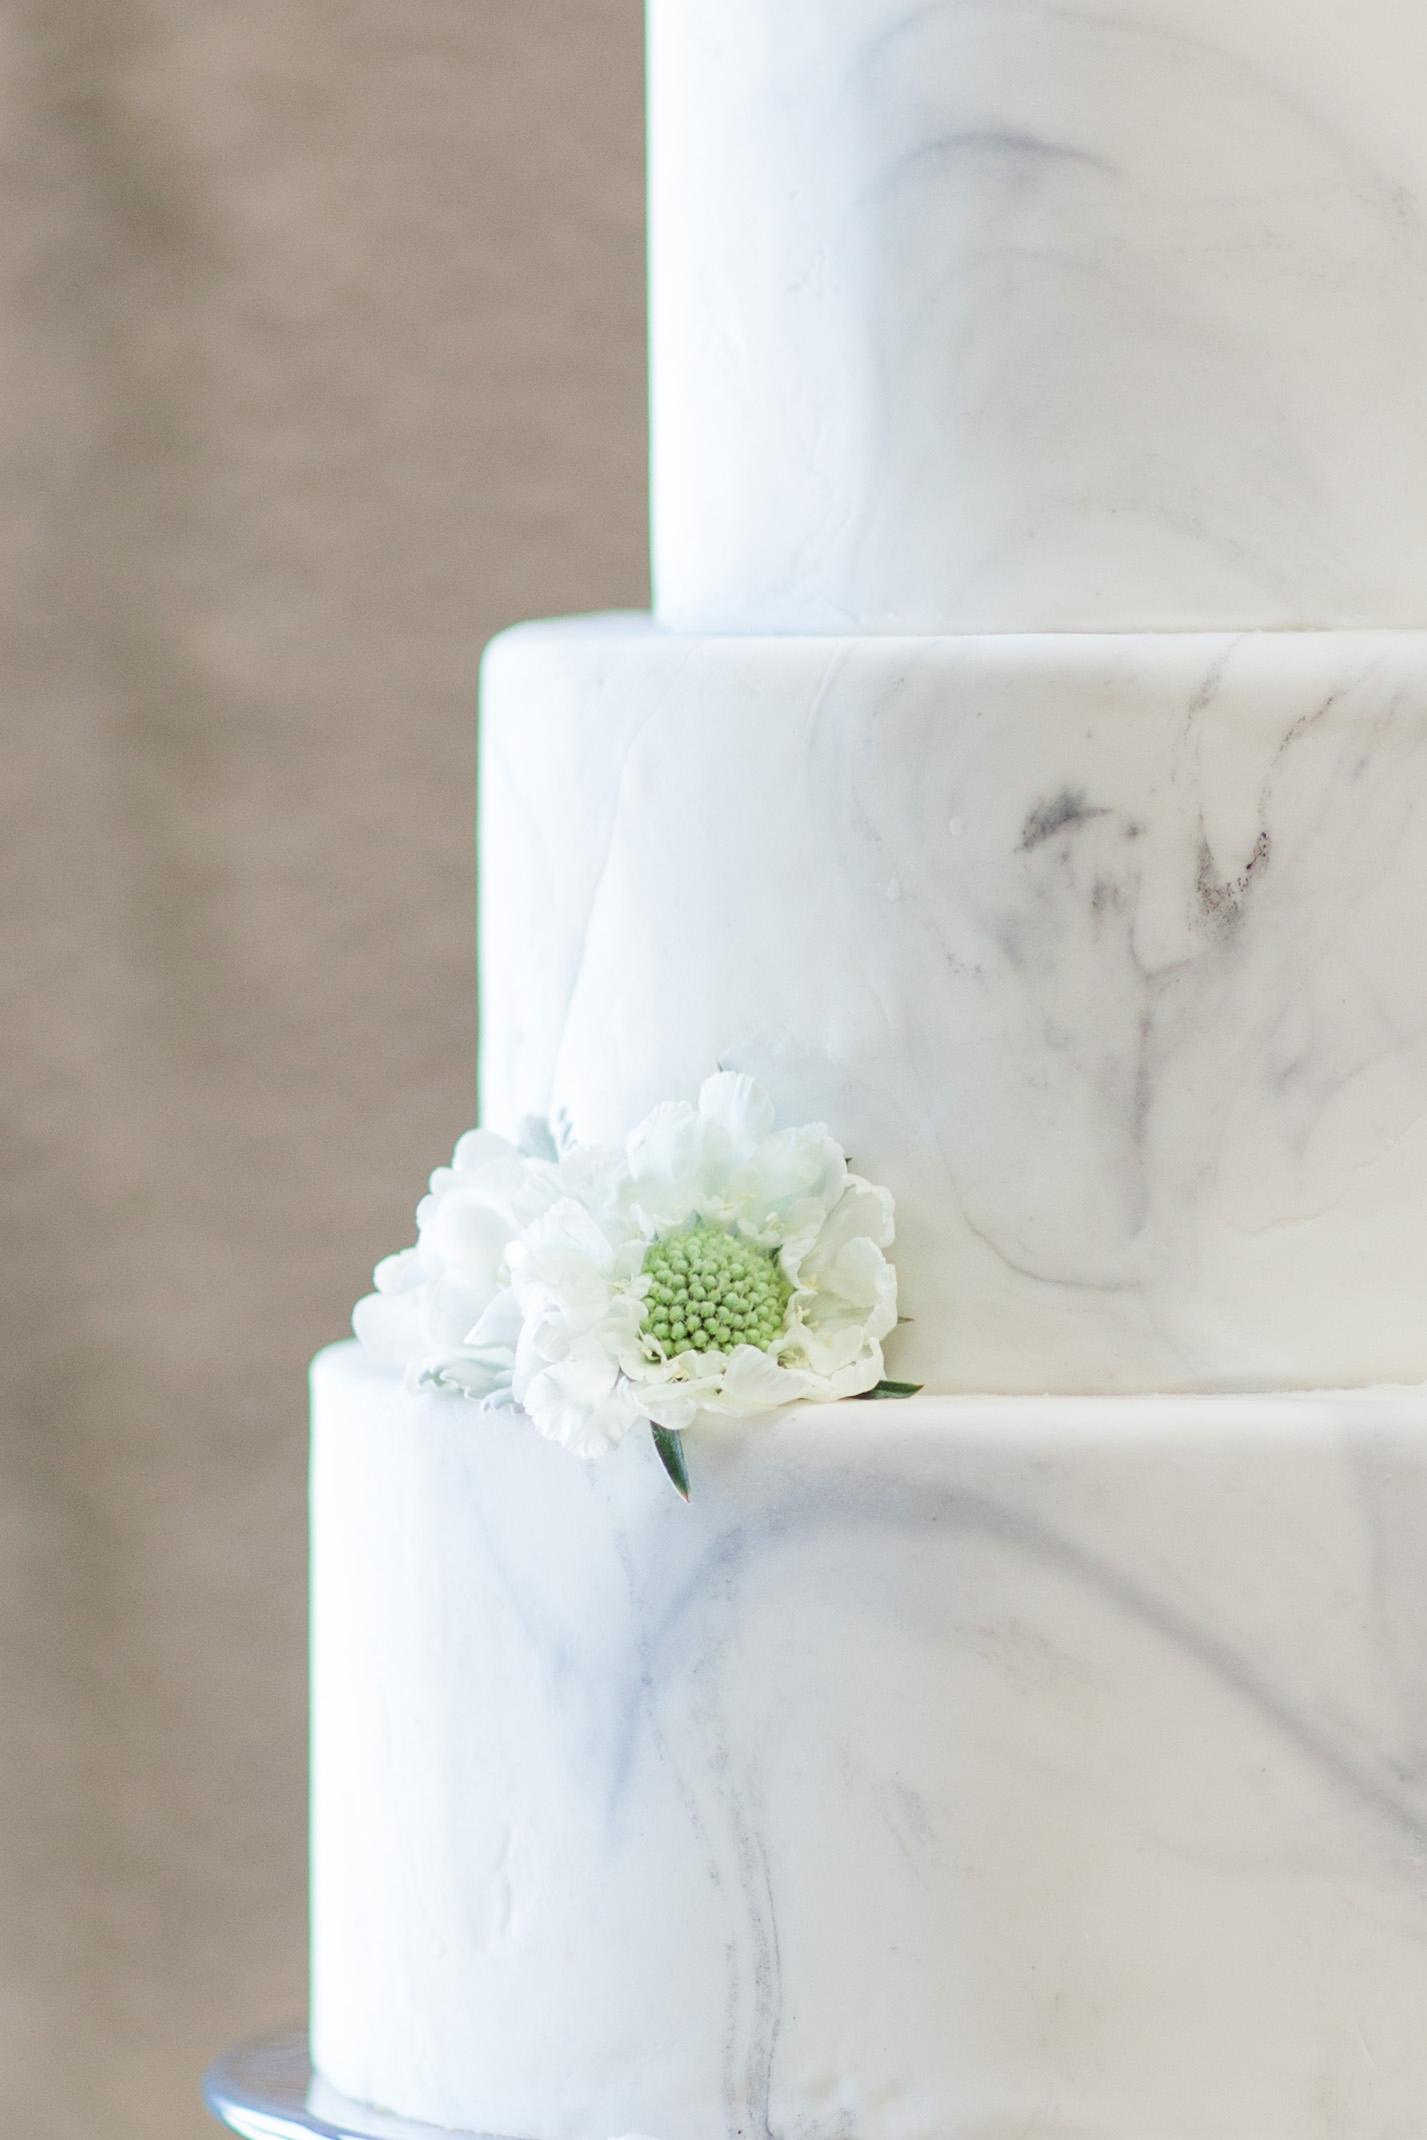 marble cake photo credit:  Daisy Moffatt Photography